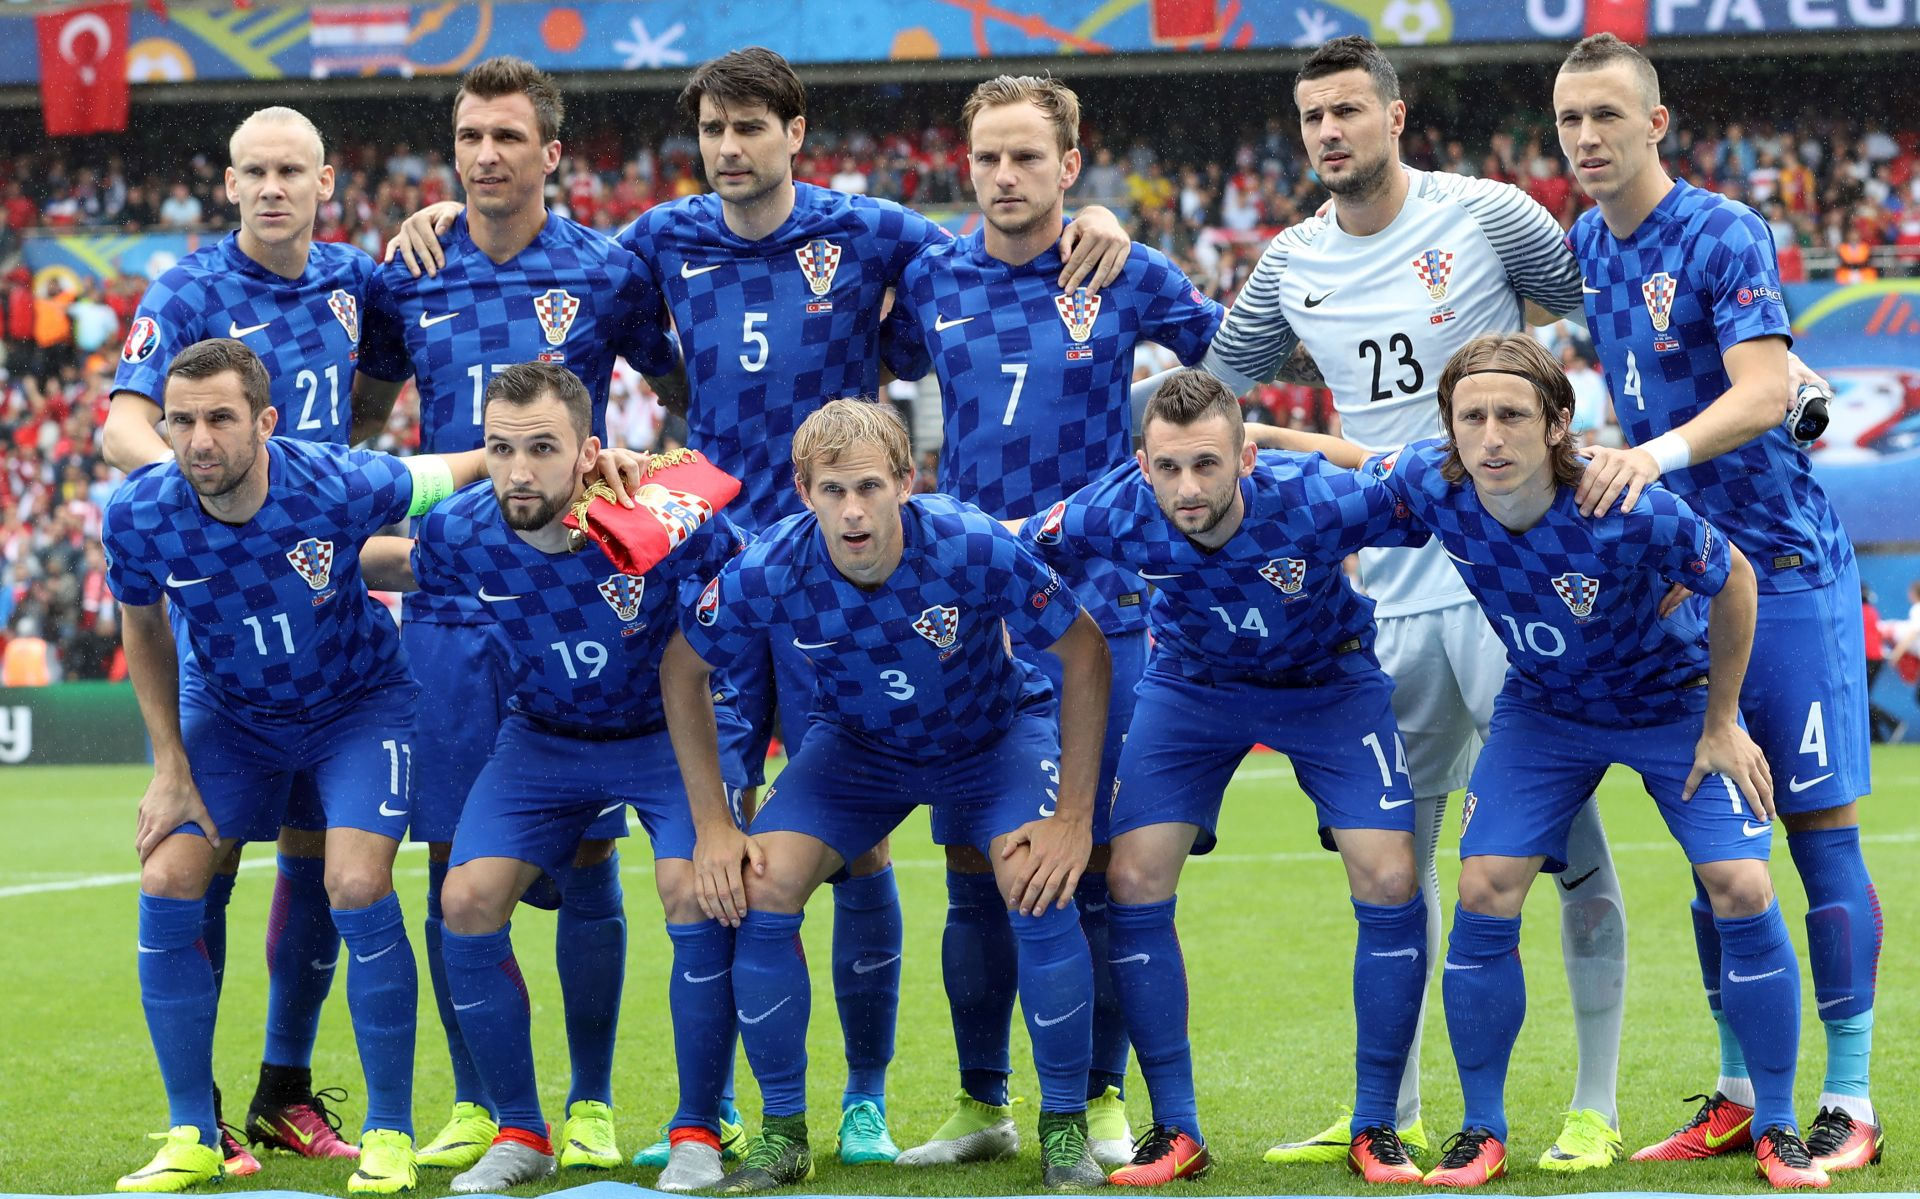 FIFA: Hrvatska 18., ljestvica bez promjena